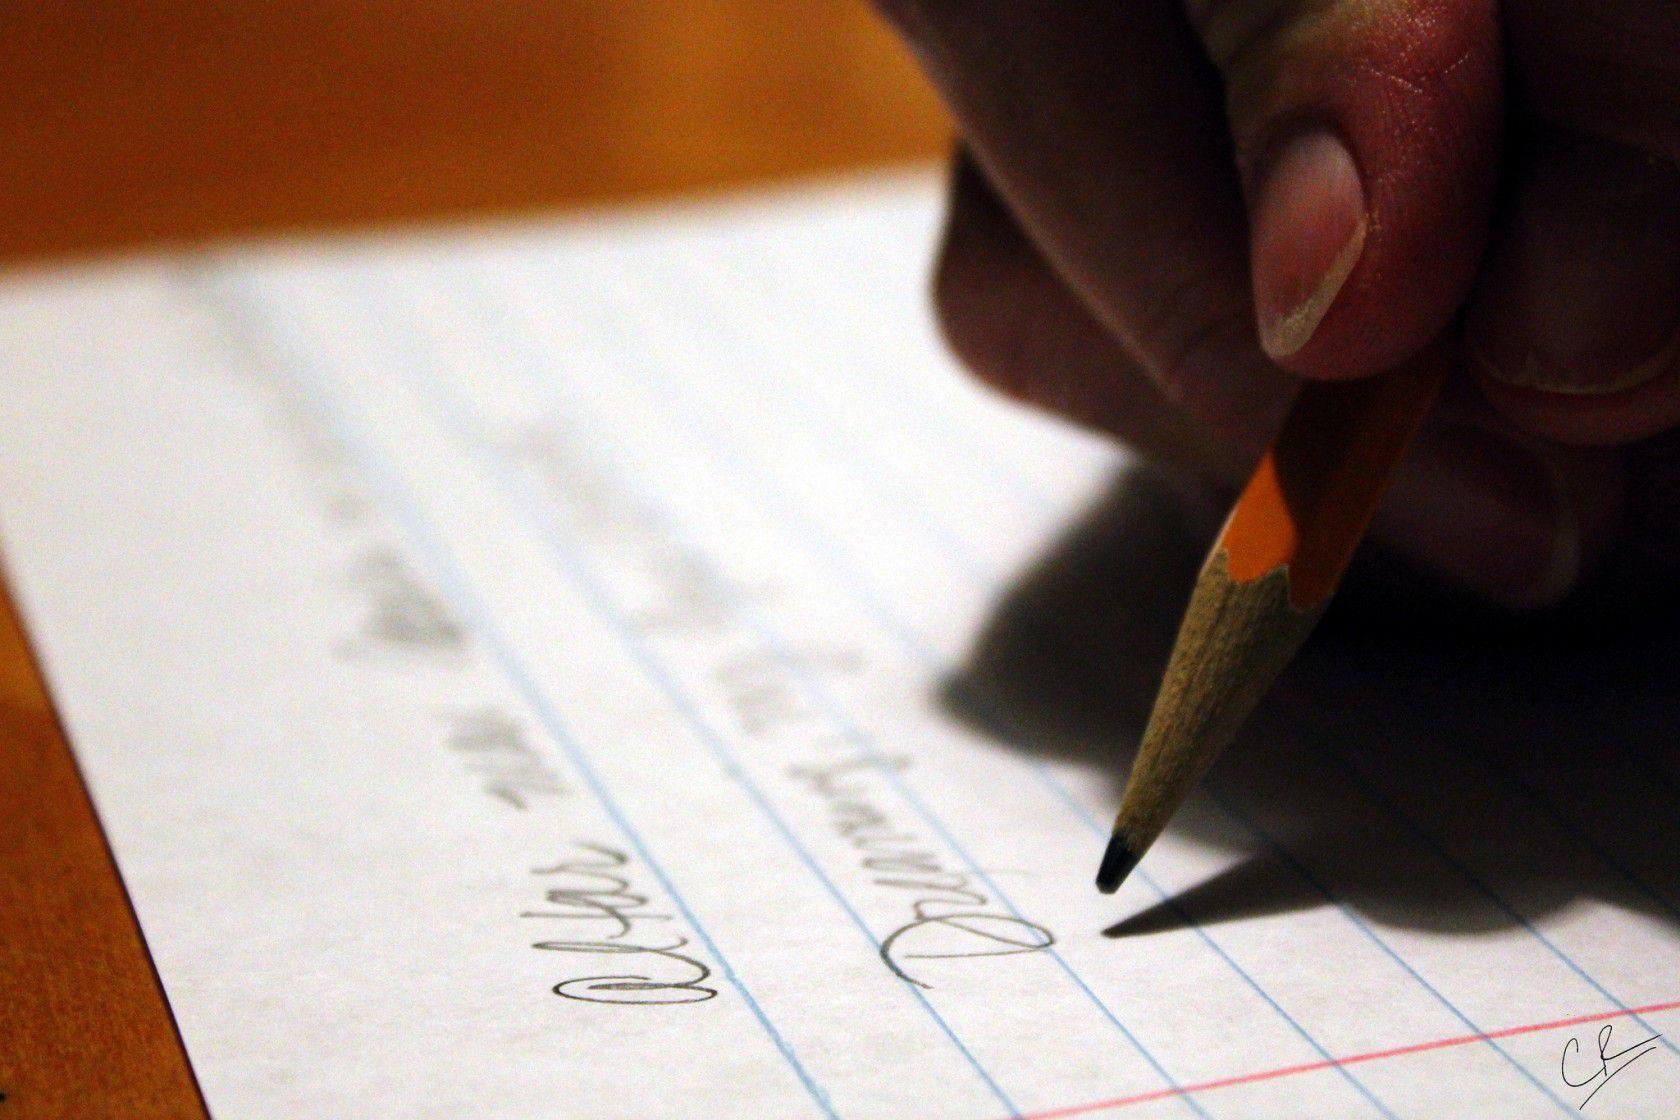 Eğitimci Gözüyle USMLE Sınavı için Hazırlananlara Verilecek Tavsiyeler